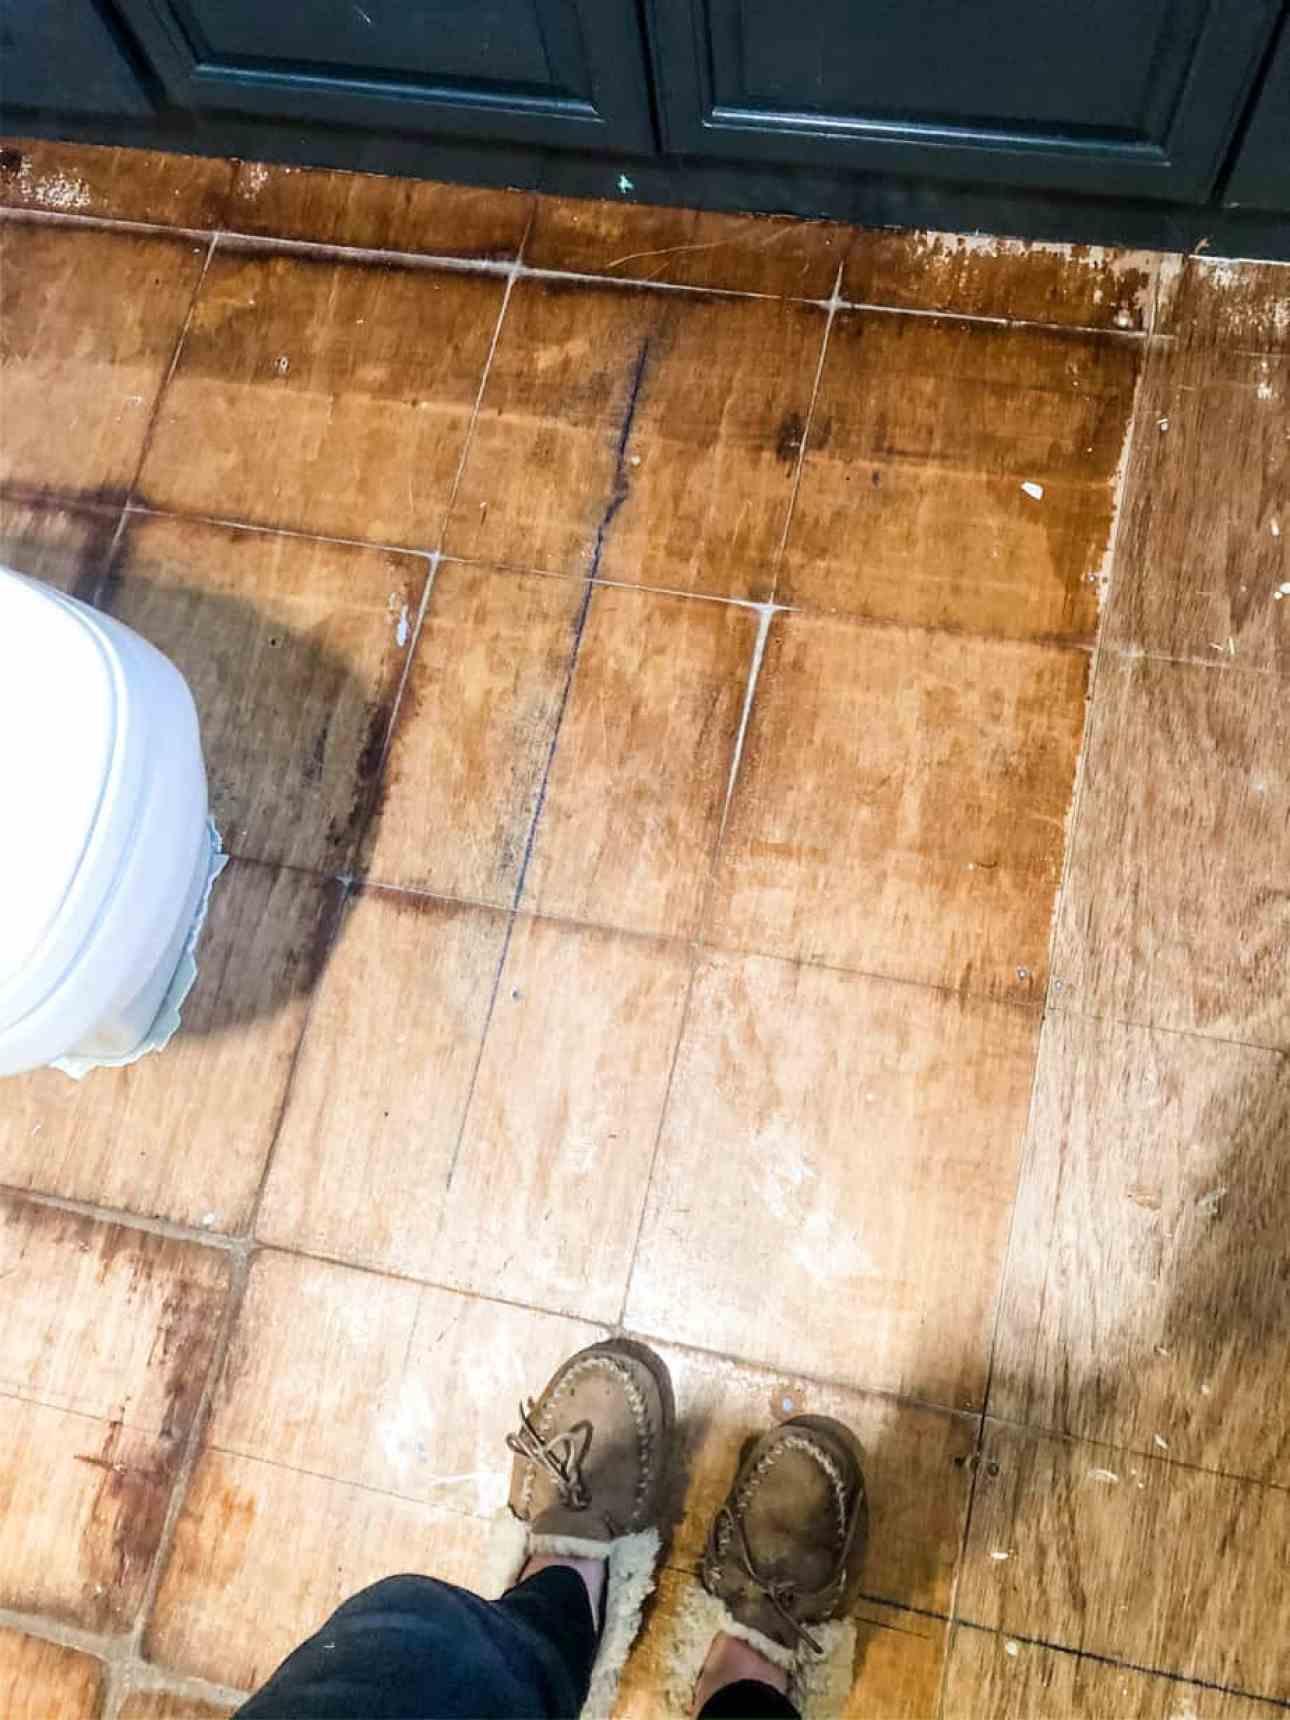 Wooden bathroom floor and slippers.